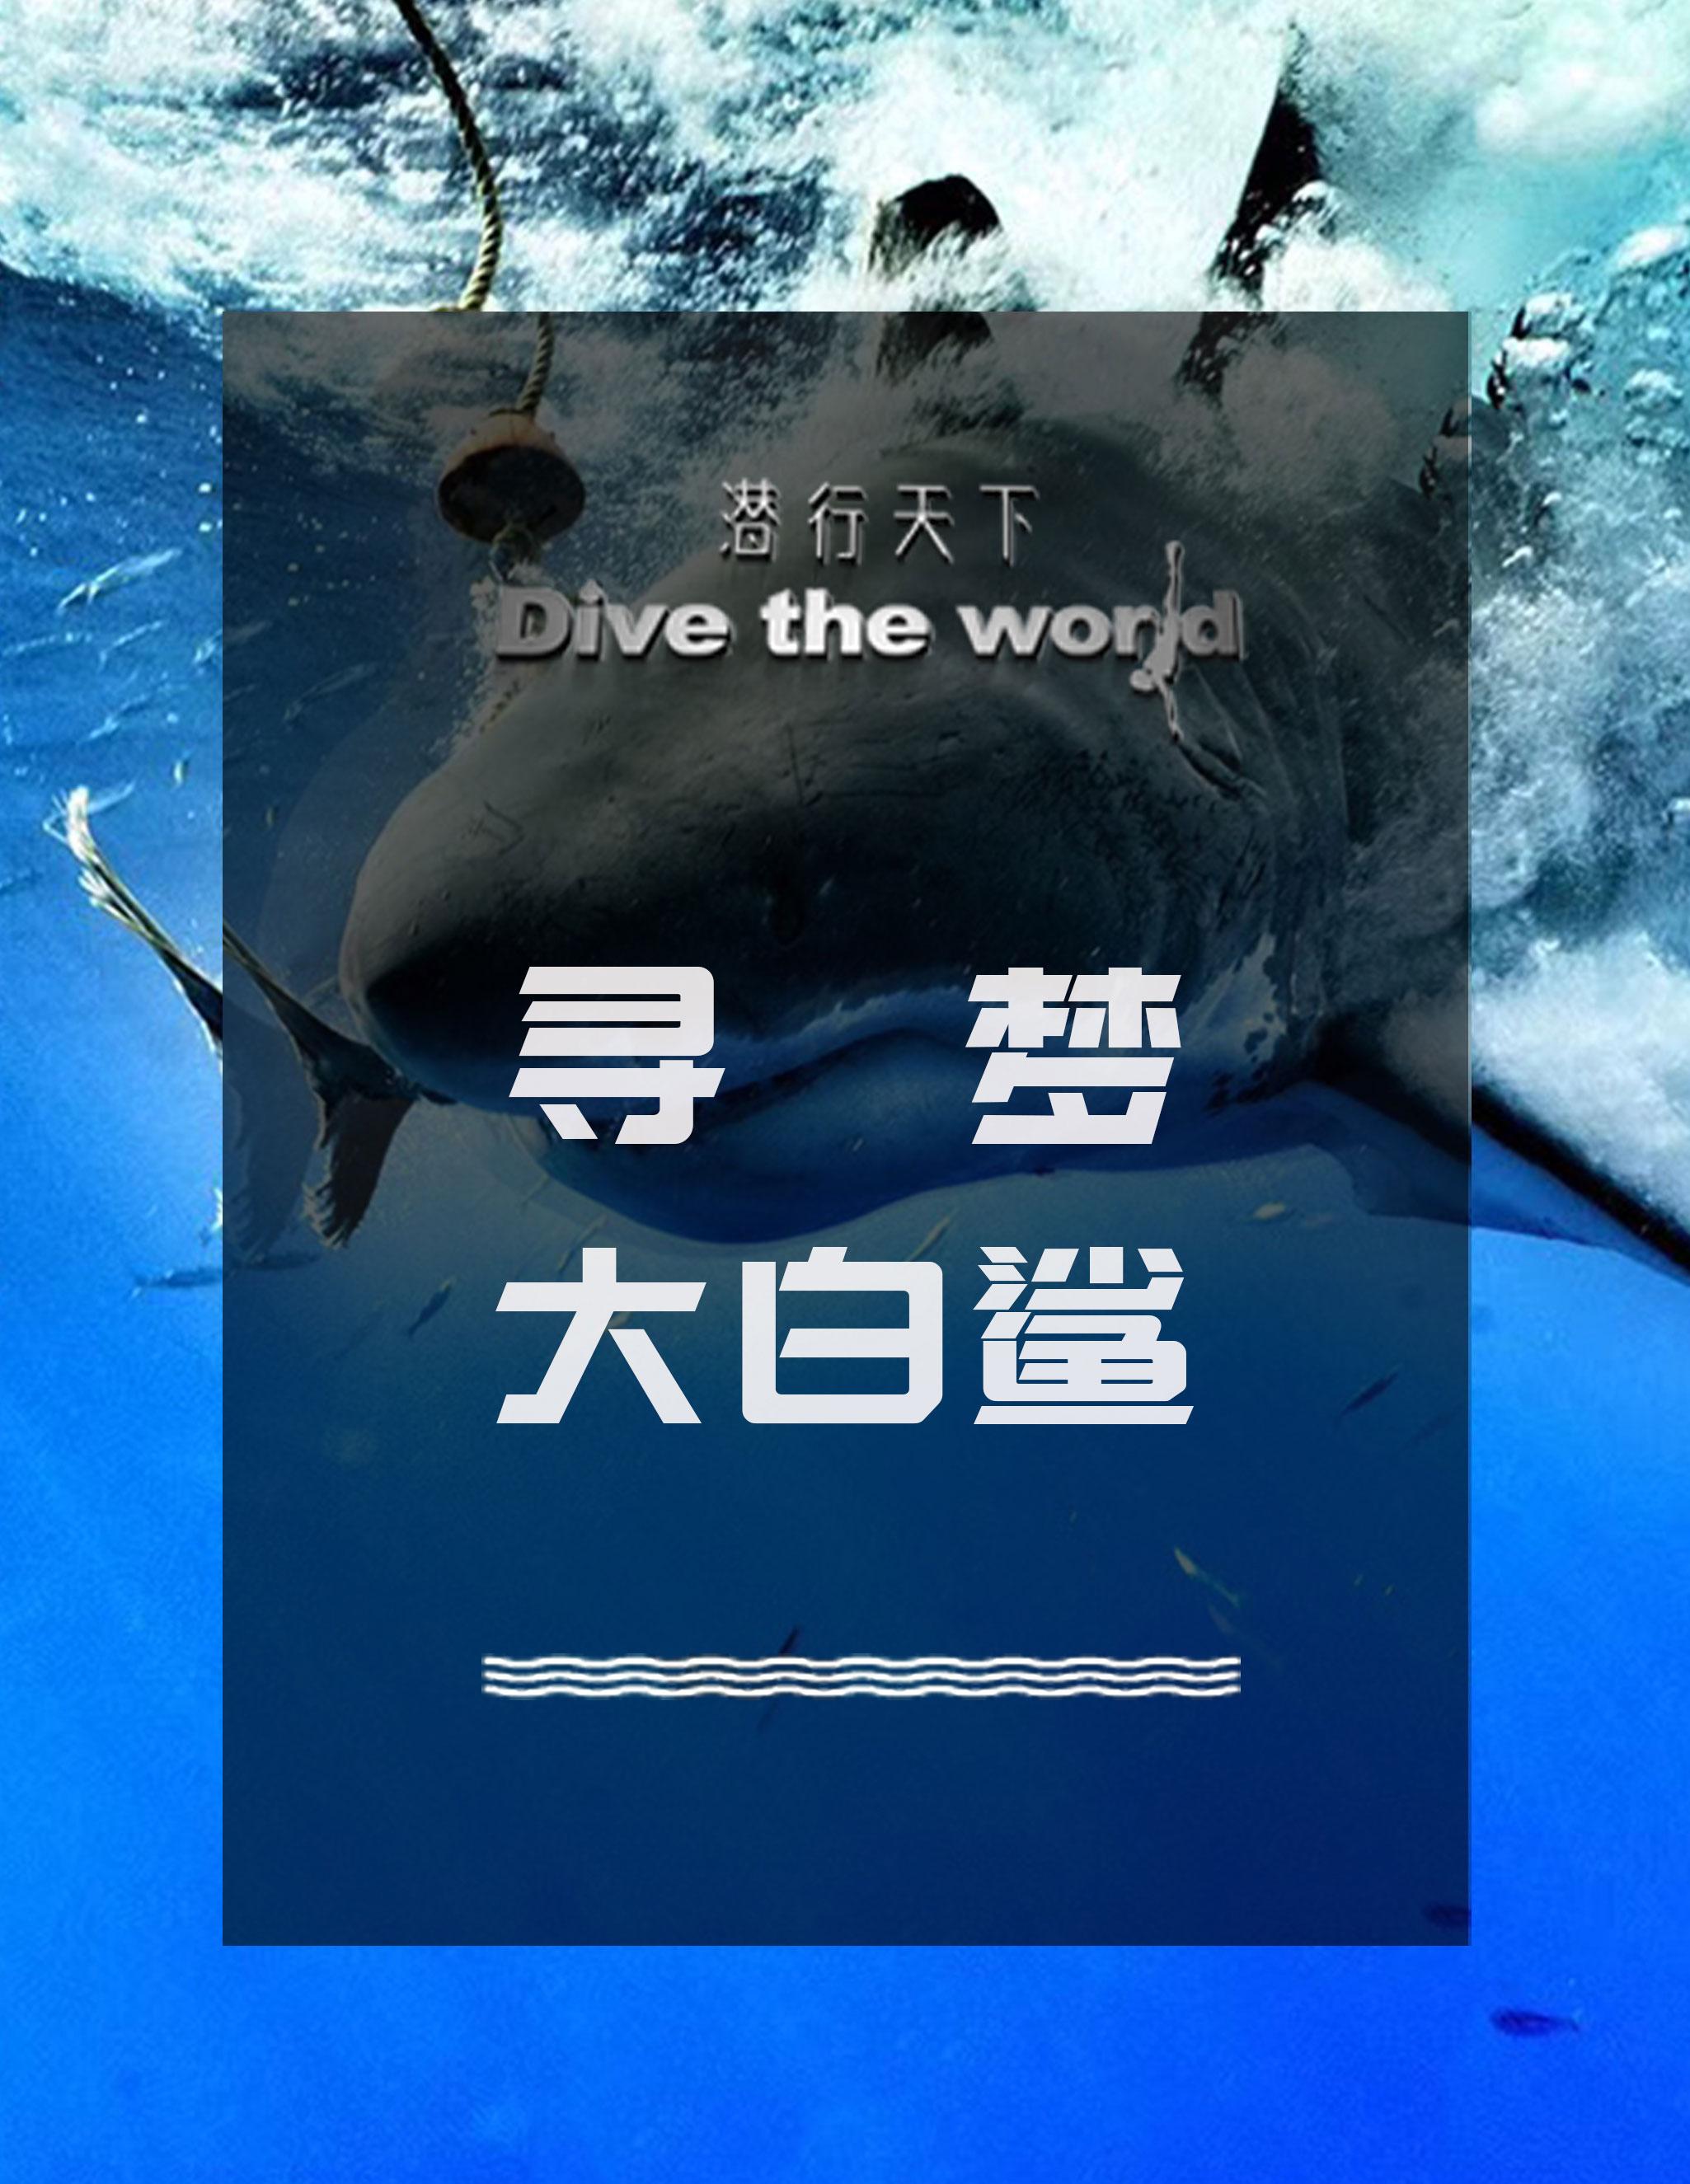 潜行天下纪录片 第二季:瓜达卢佩,一起寻找海底世界的至尊统治者大白鲨!